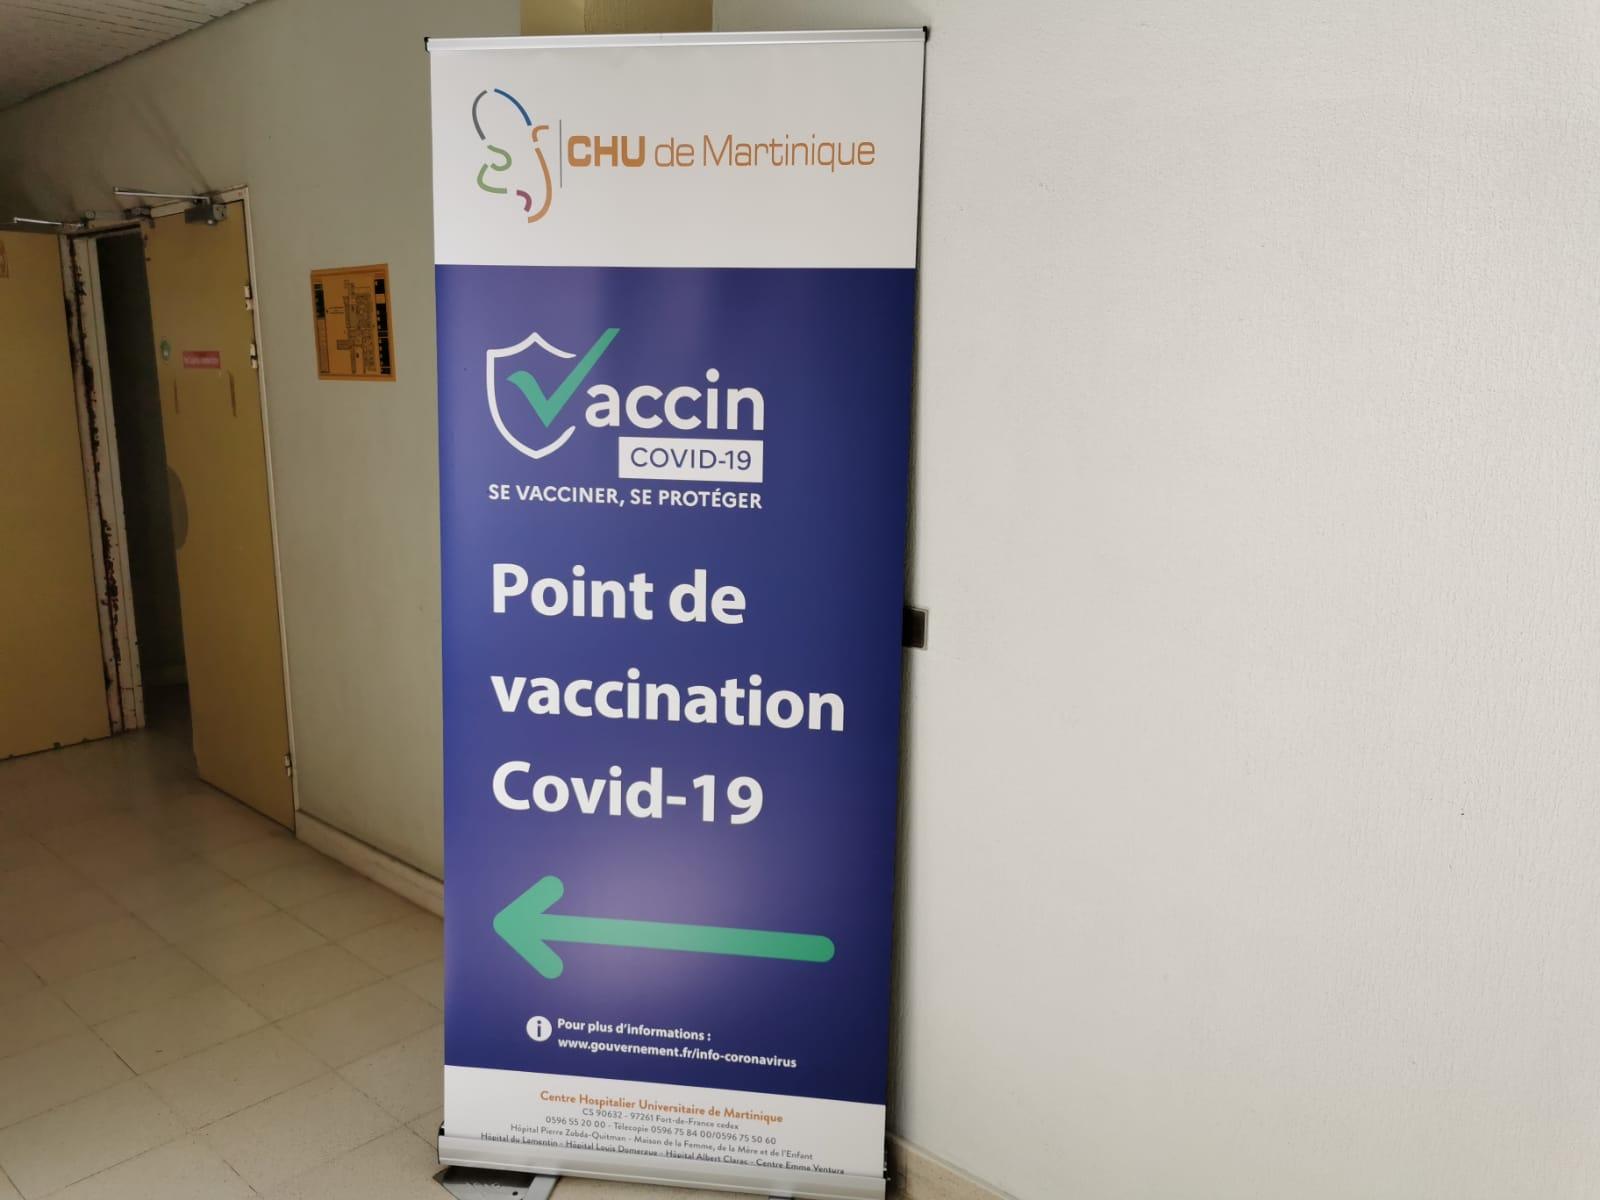 Accélération de la vaccination : 3500 doses supplémentaires pour la Martinique